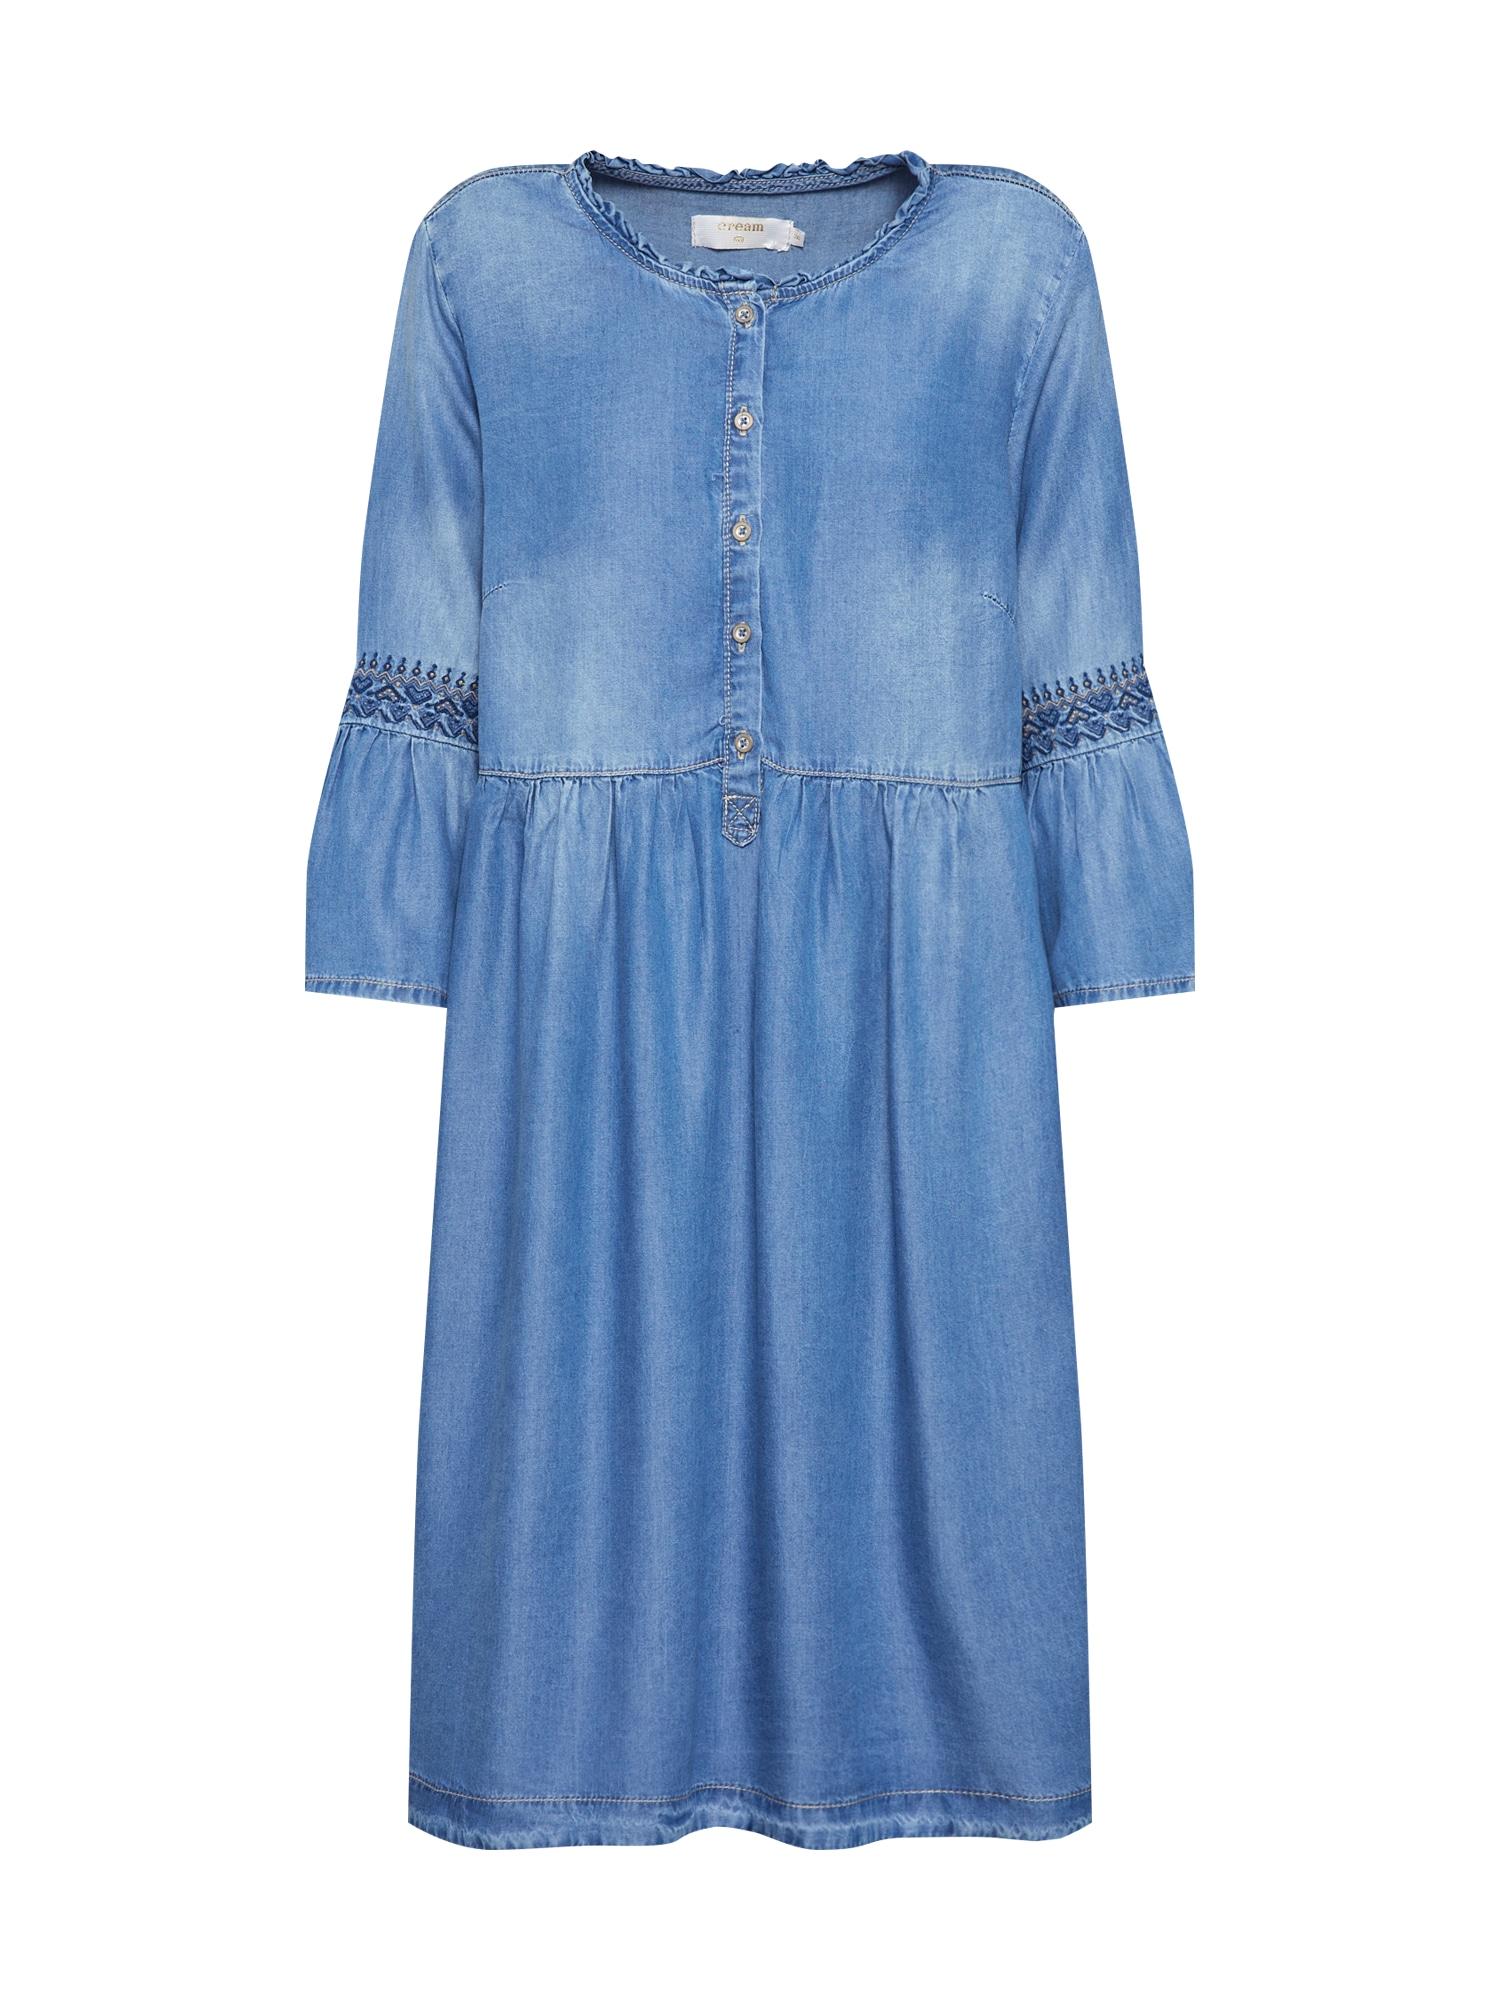 Cream Palaidinės tipo suknelė 'Lussa' tamsiai (džinso) mėlyna